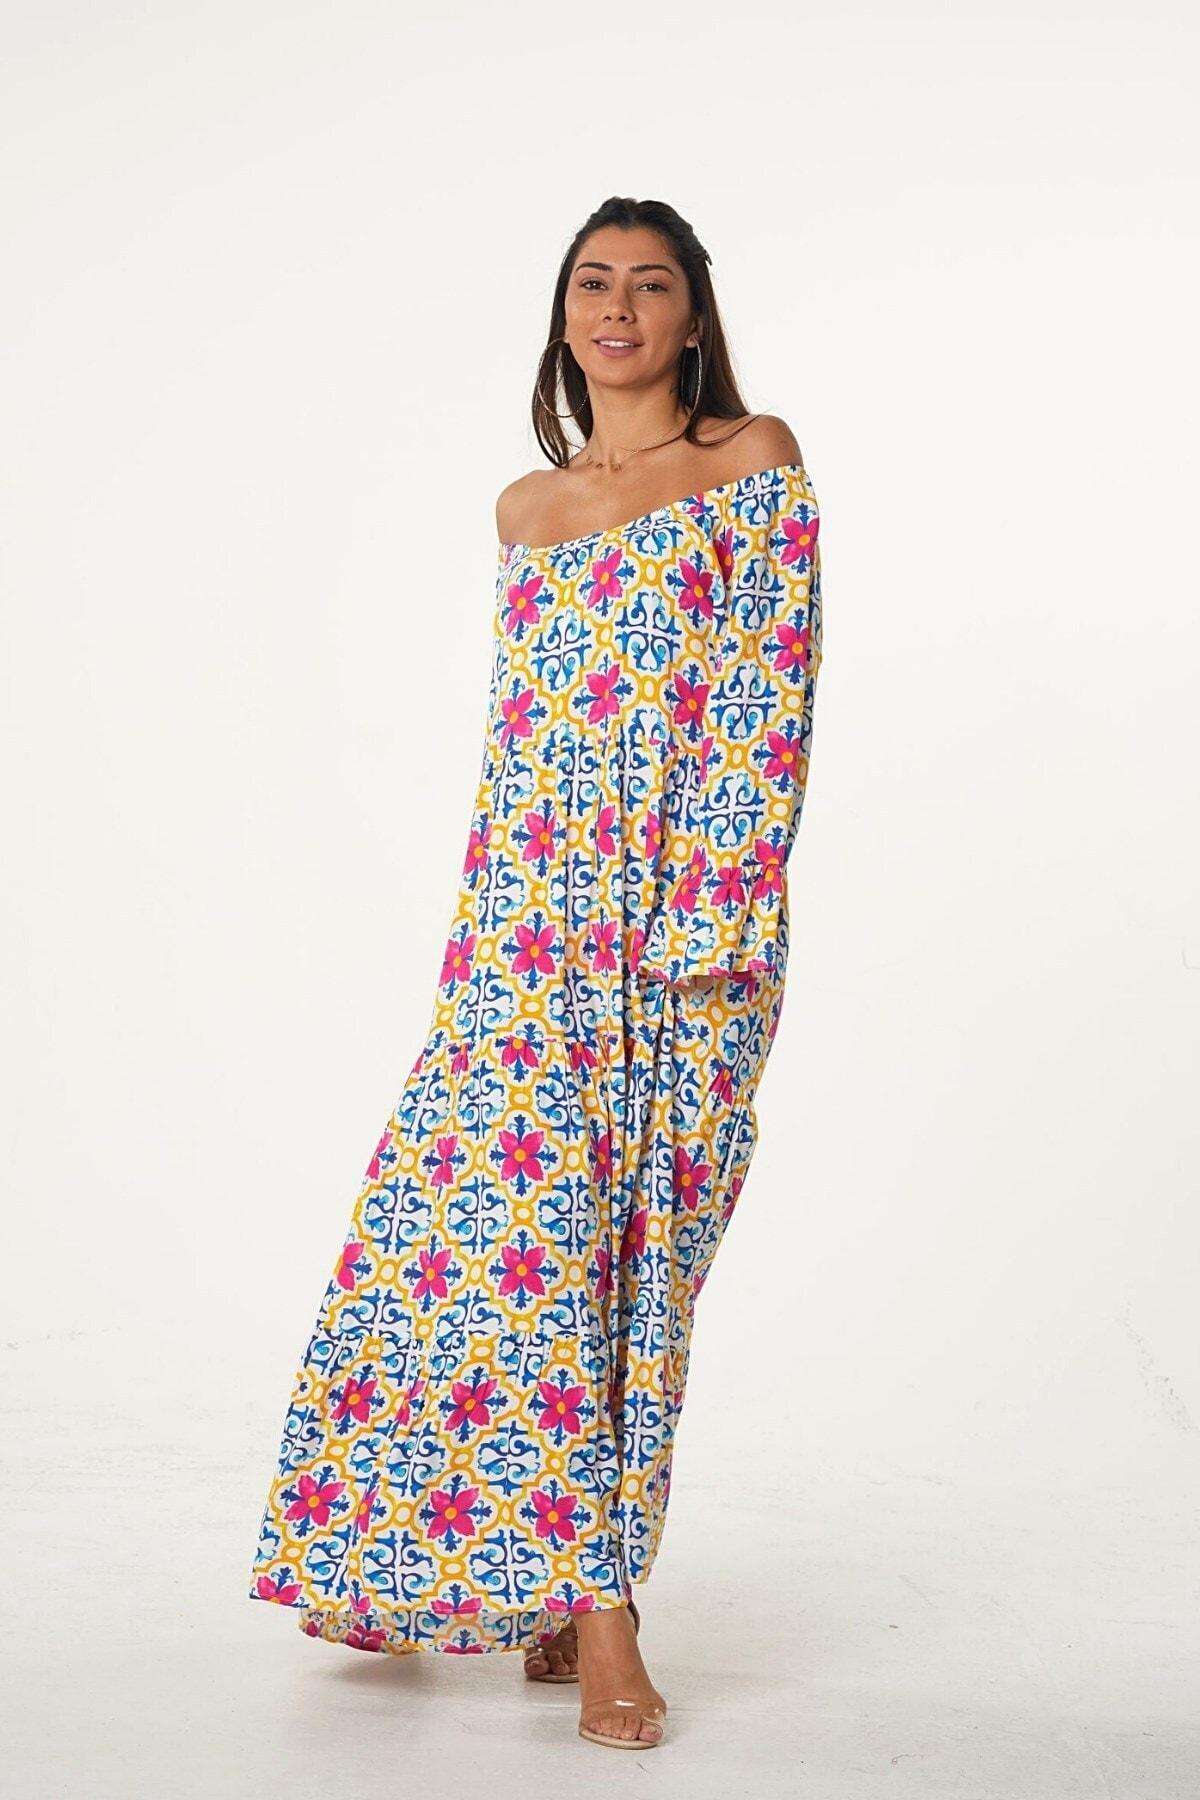 Keyifli Moda Kadın Pembe Carmen Yaka Kolları Volanlı Çiçek Desenli Salaş Elbise 2